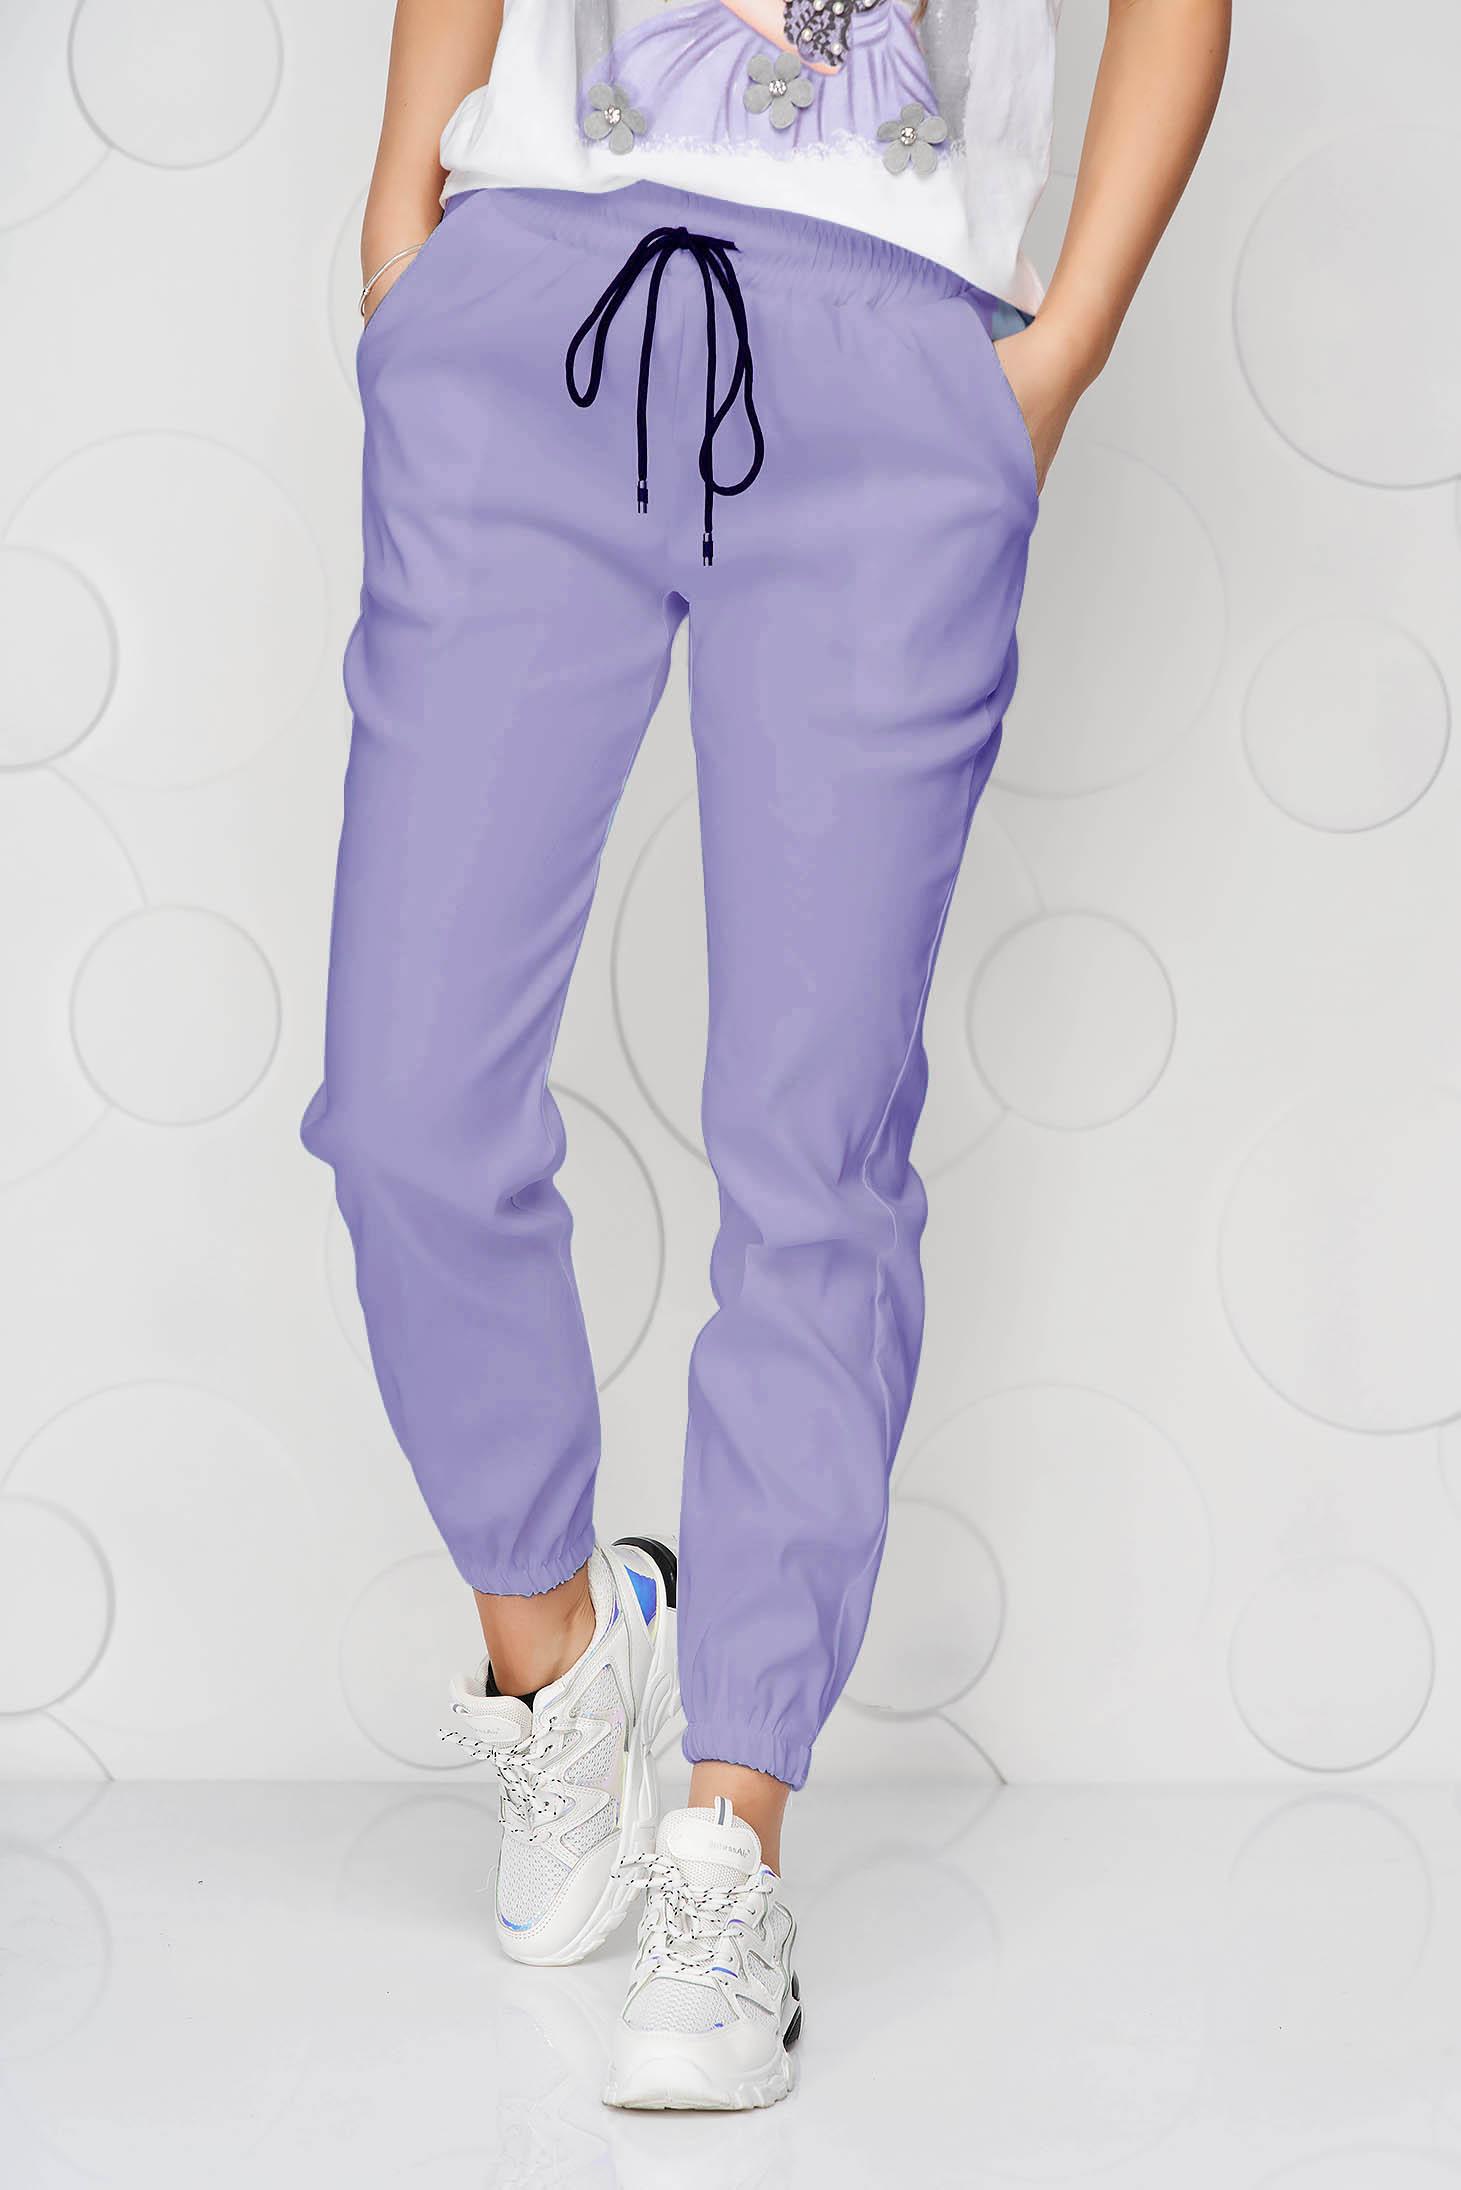 Pantaloni SunShine mov din material subtire cu buzunare si talie medie